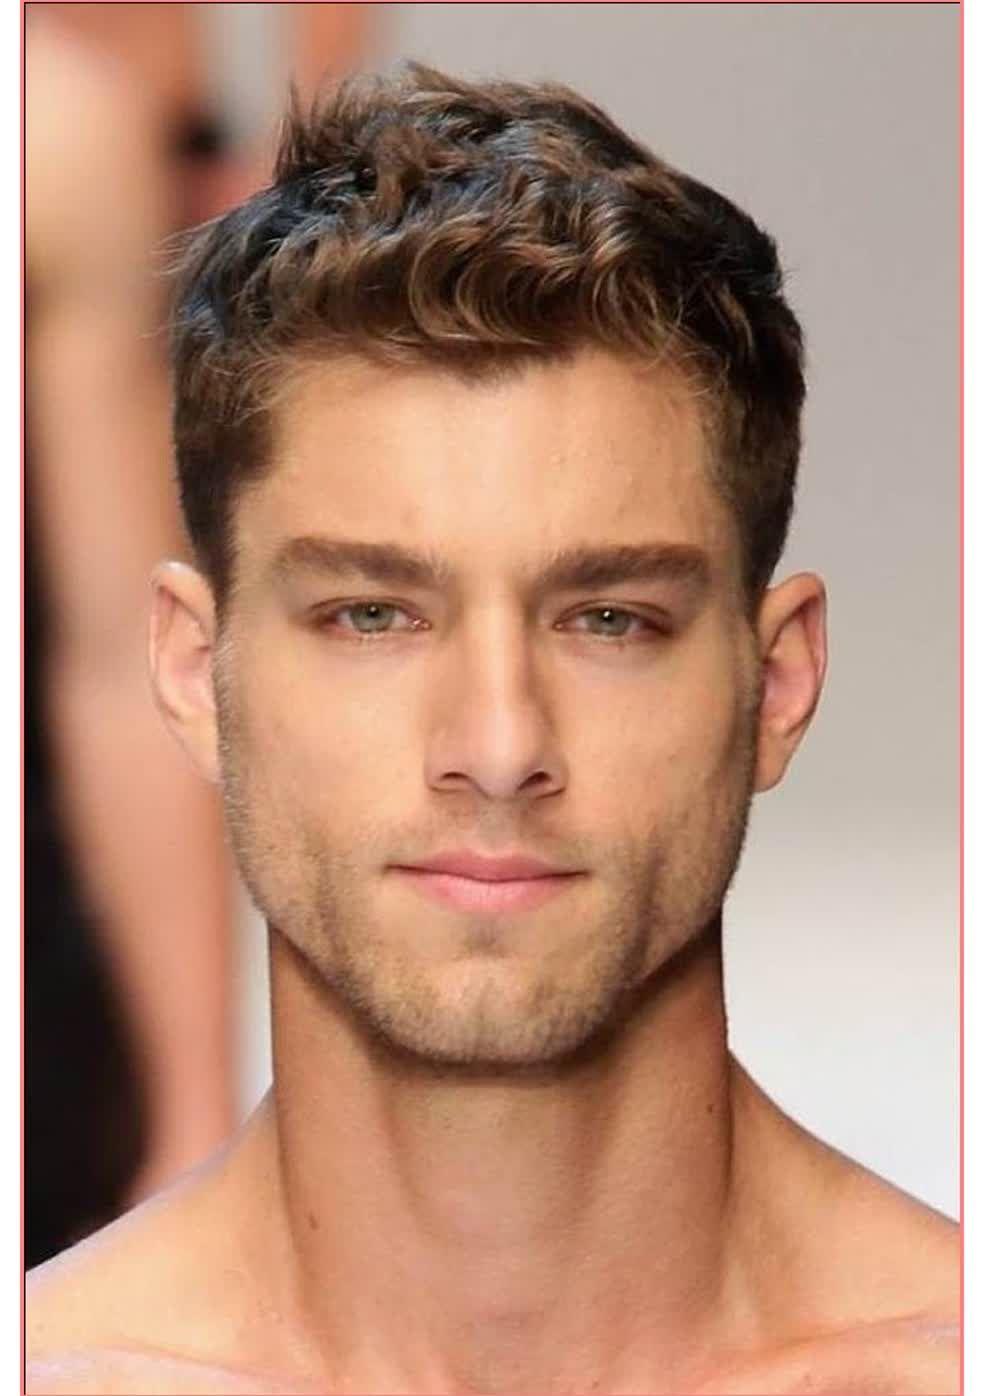 Acconciature Capelli Media Lunghezza Uomo Handsome Males